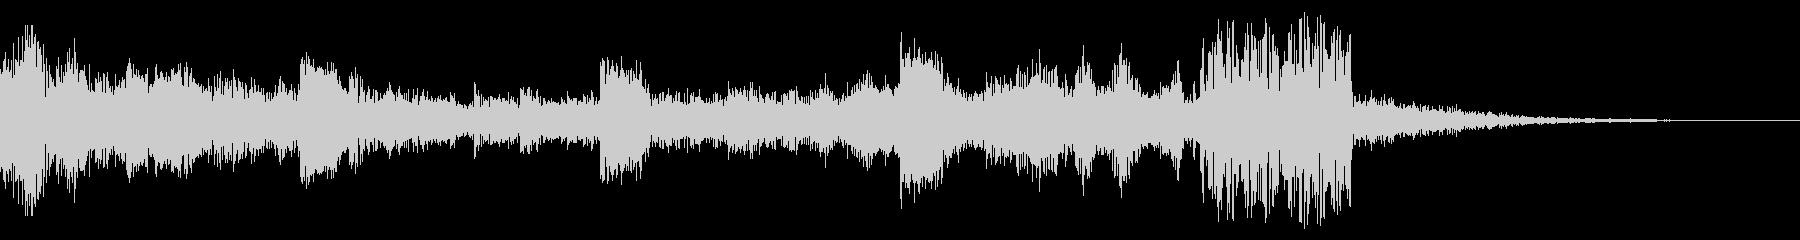 シンキングタイム(5秒)の未再生の波形